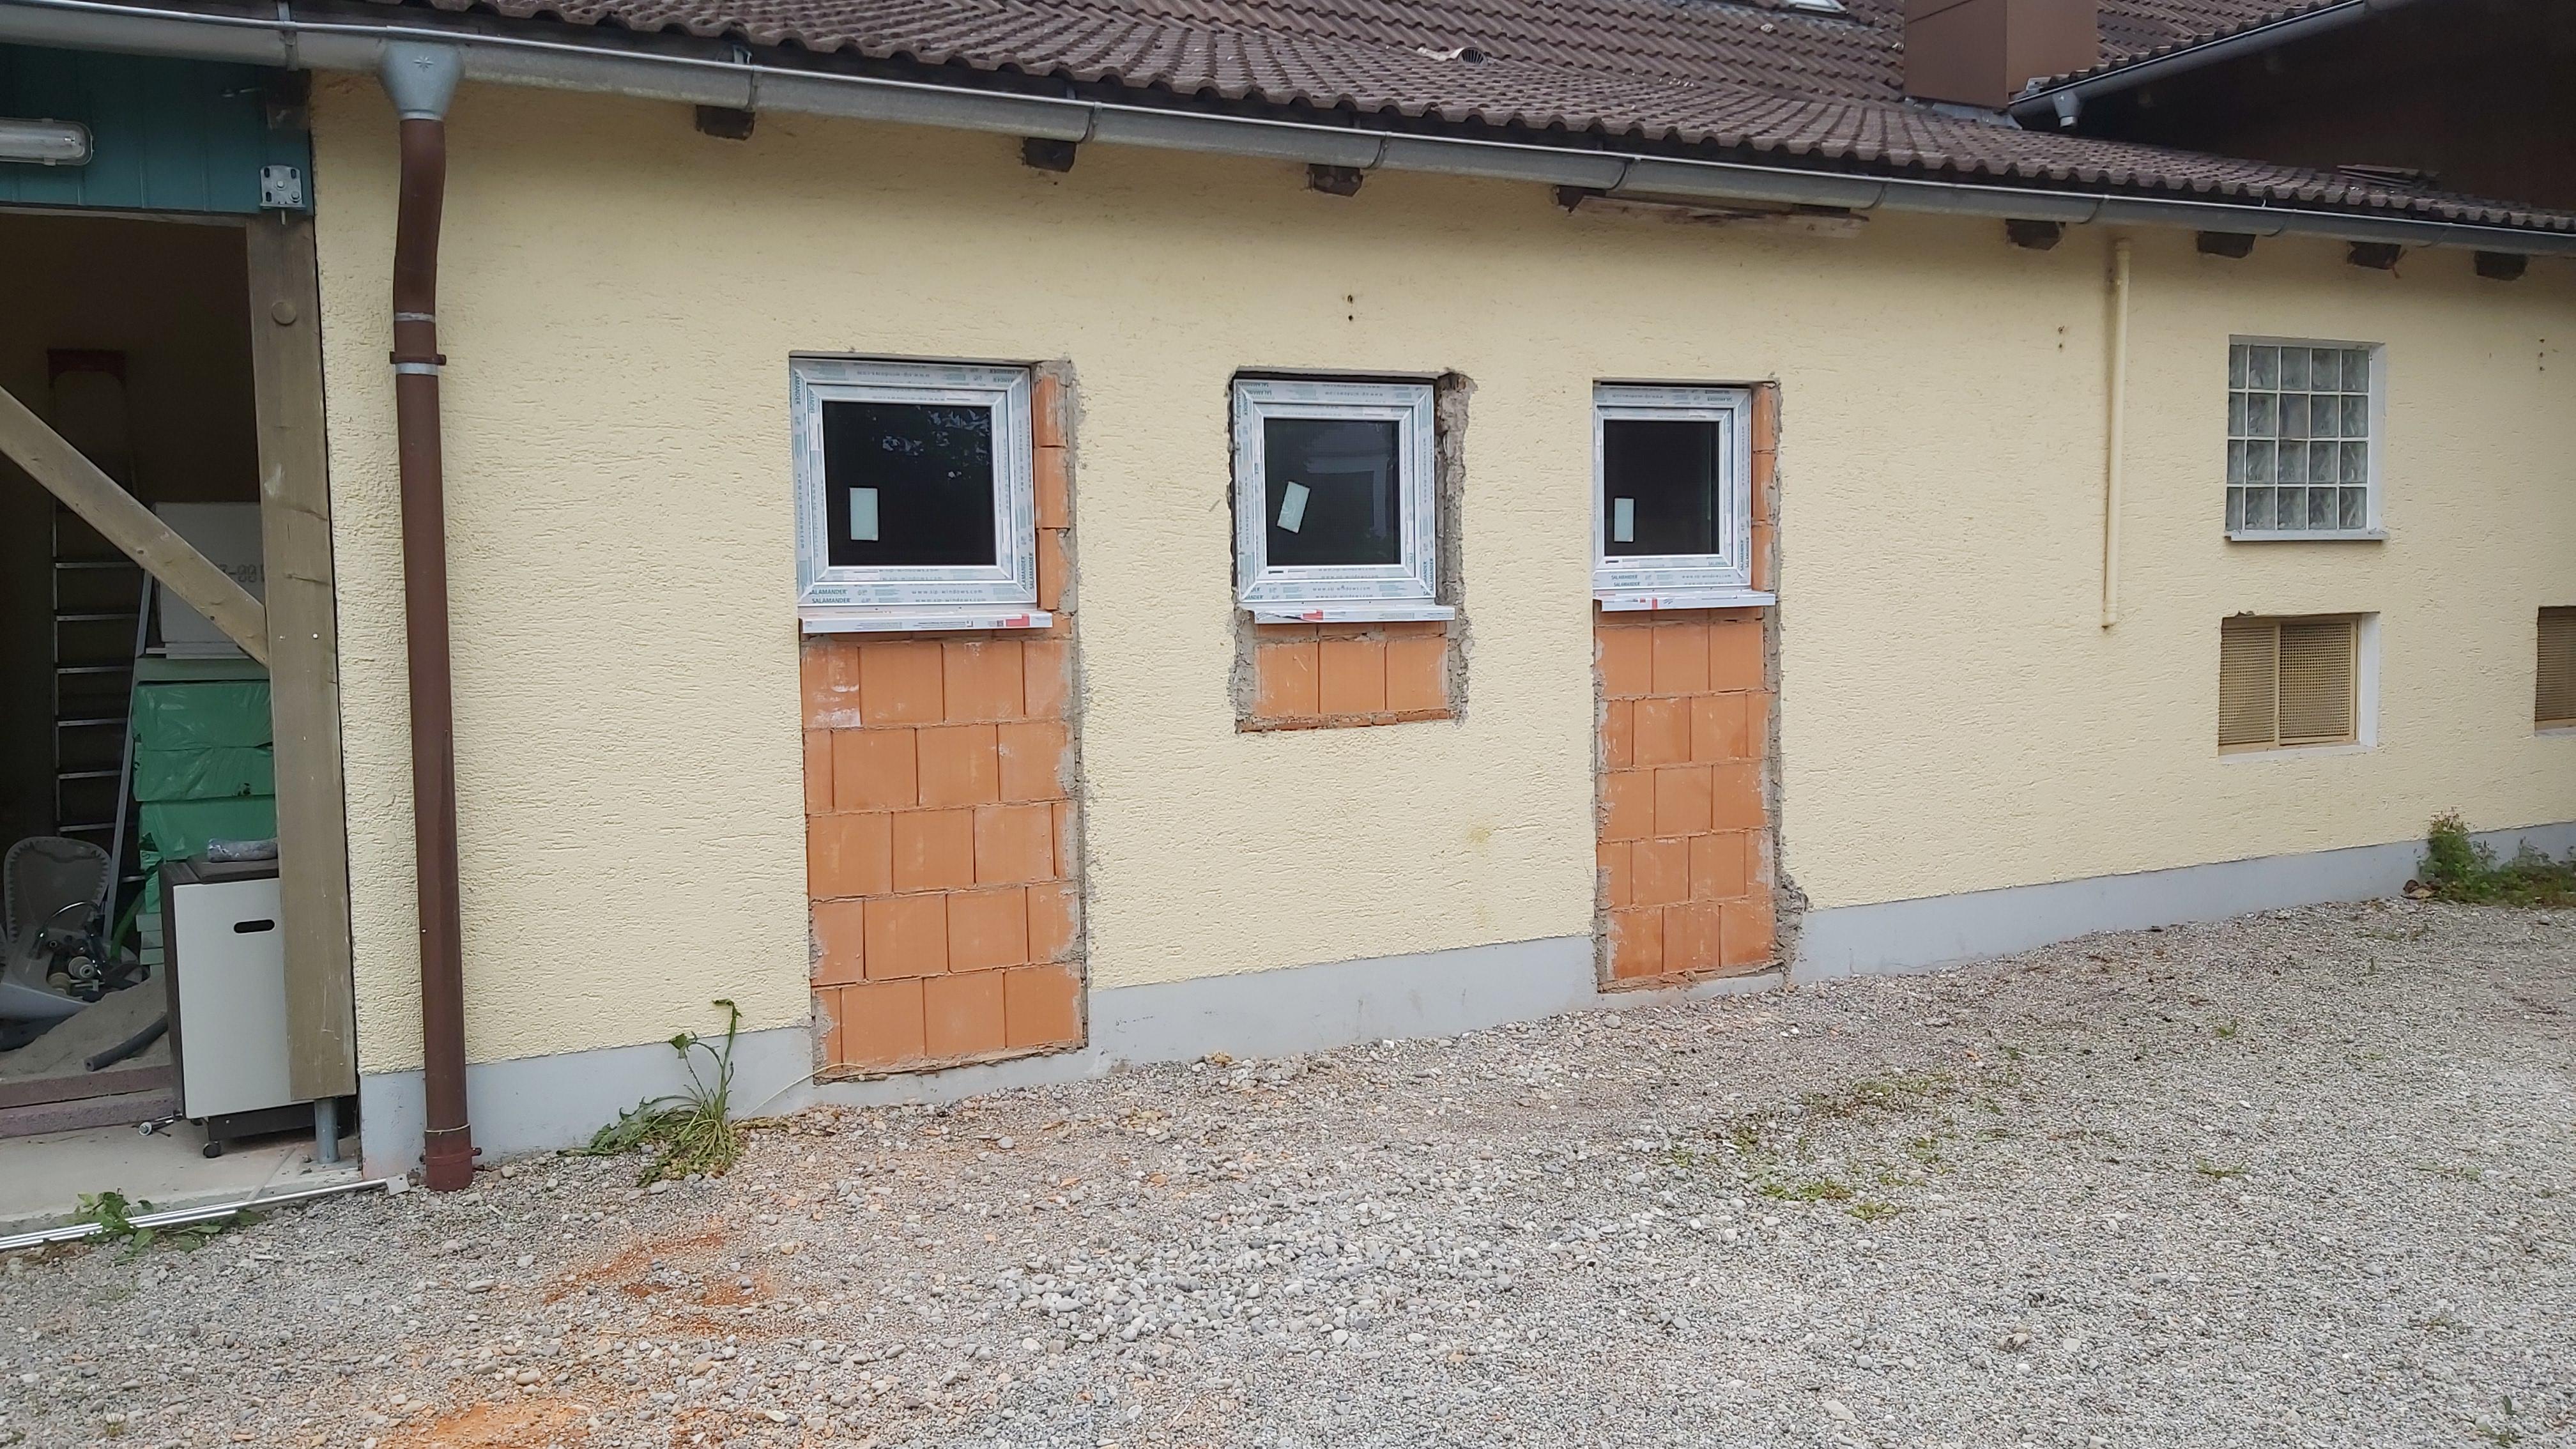 WC Außentüren verschlossen